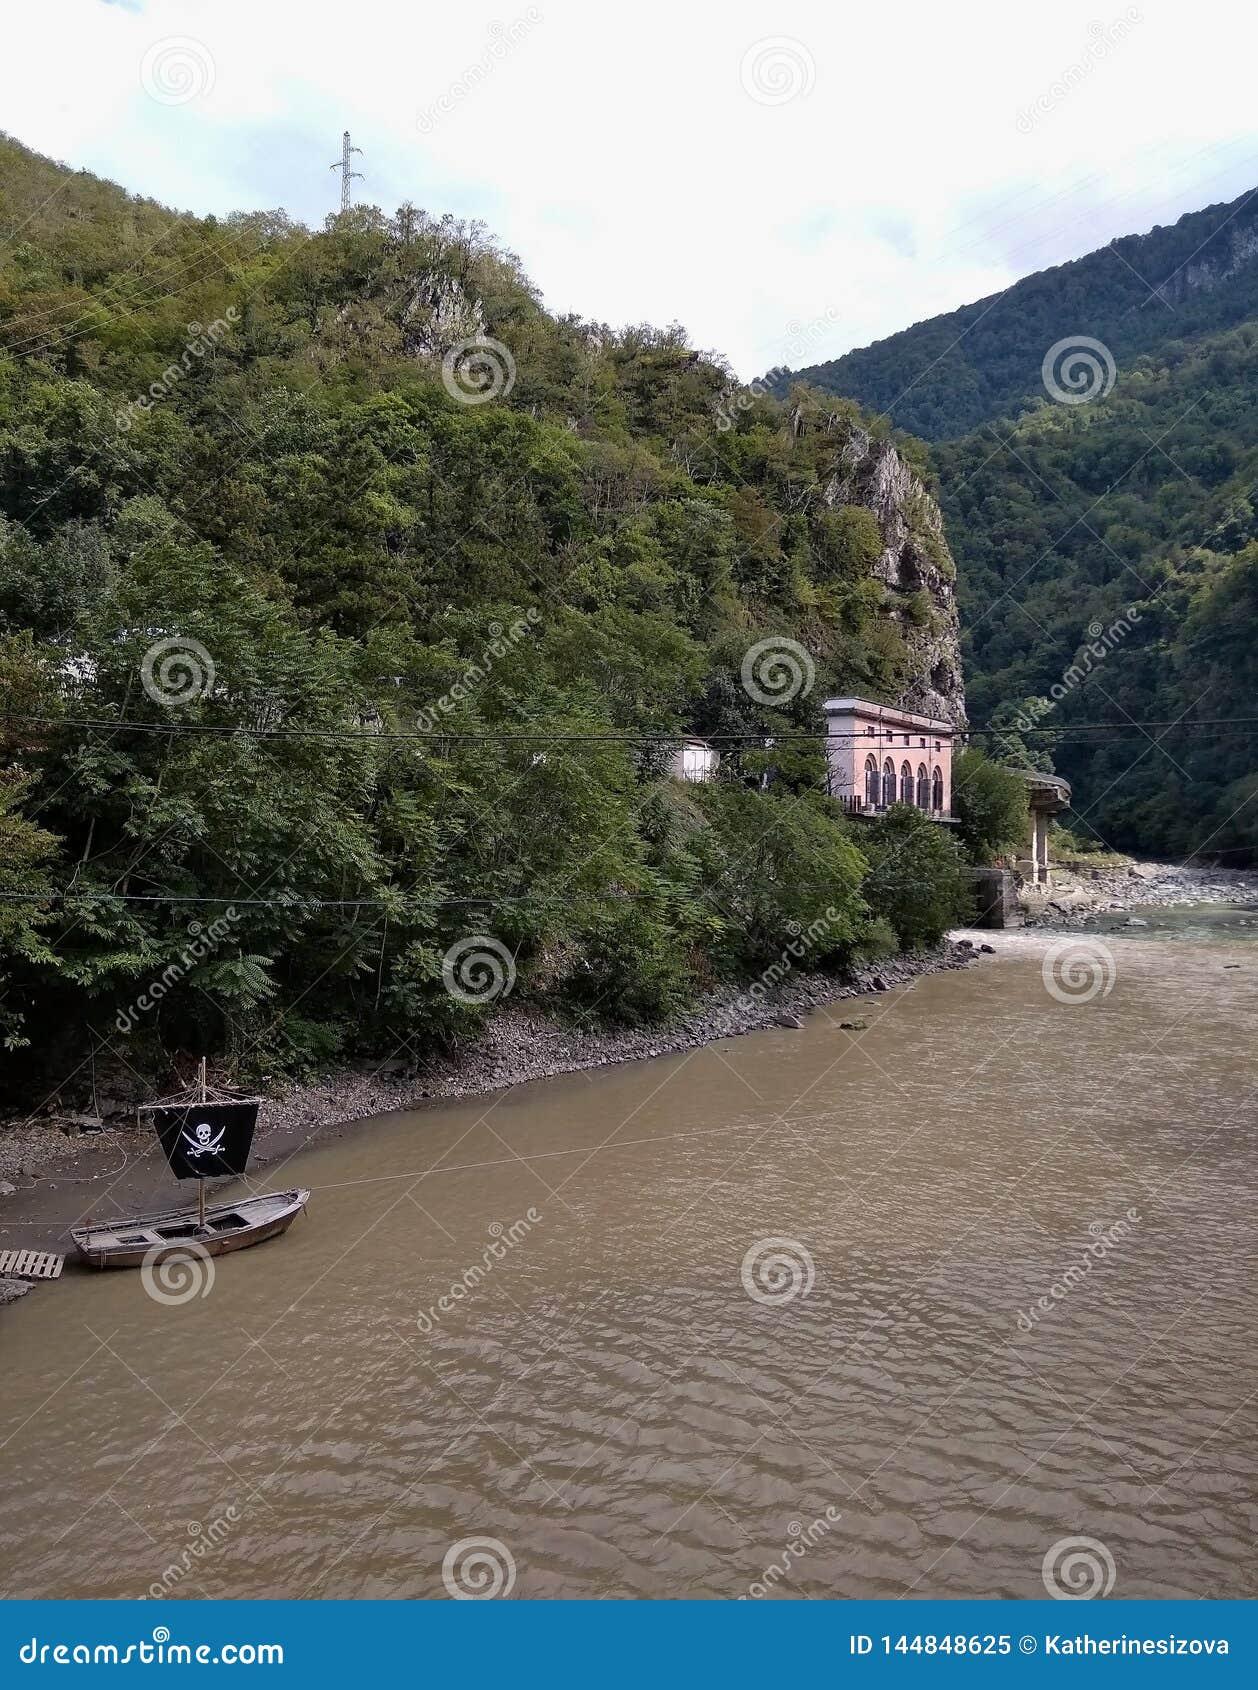 Piraatboot en rivier